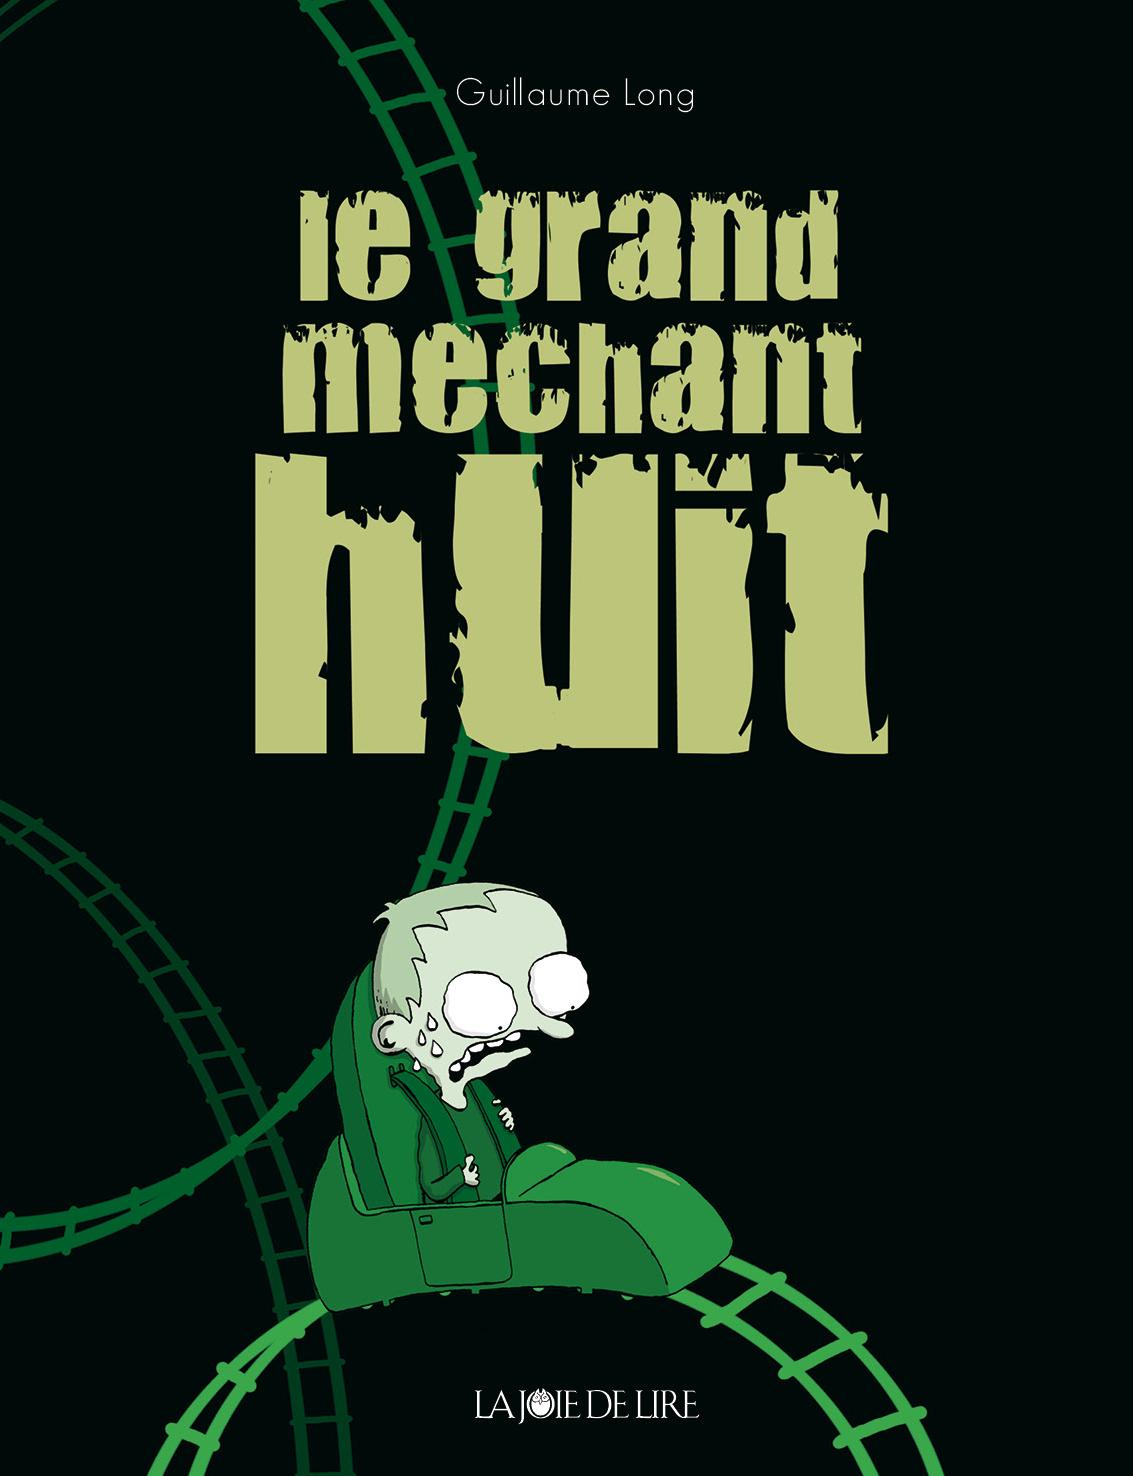 Le Grand méchant huit